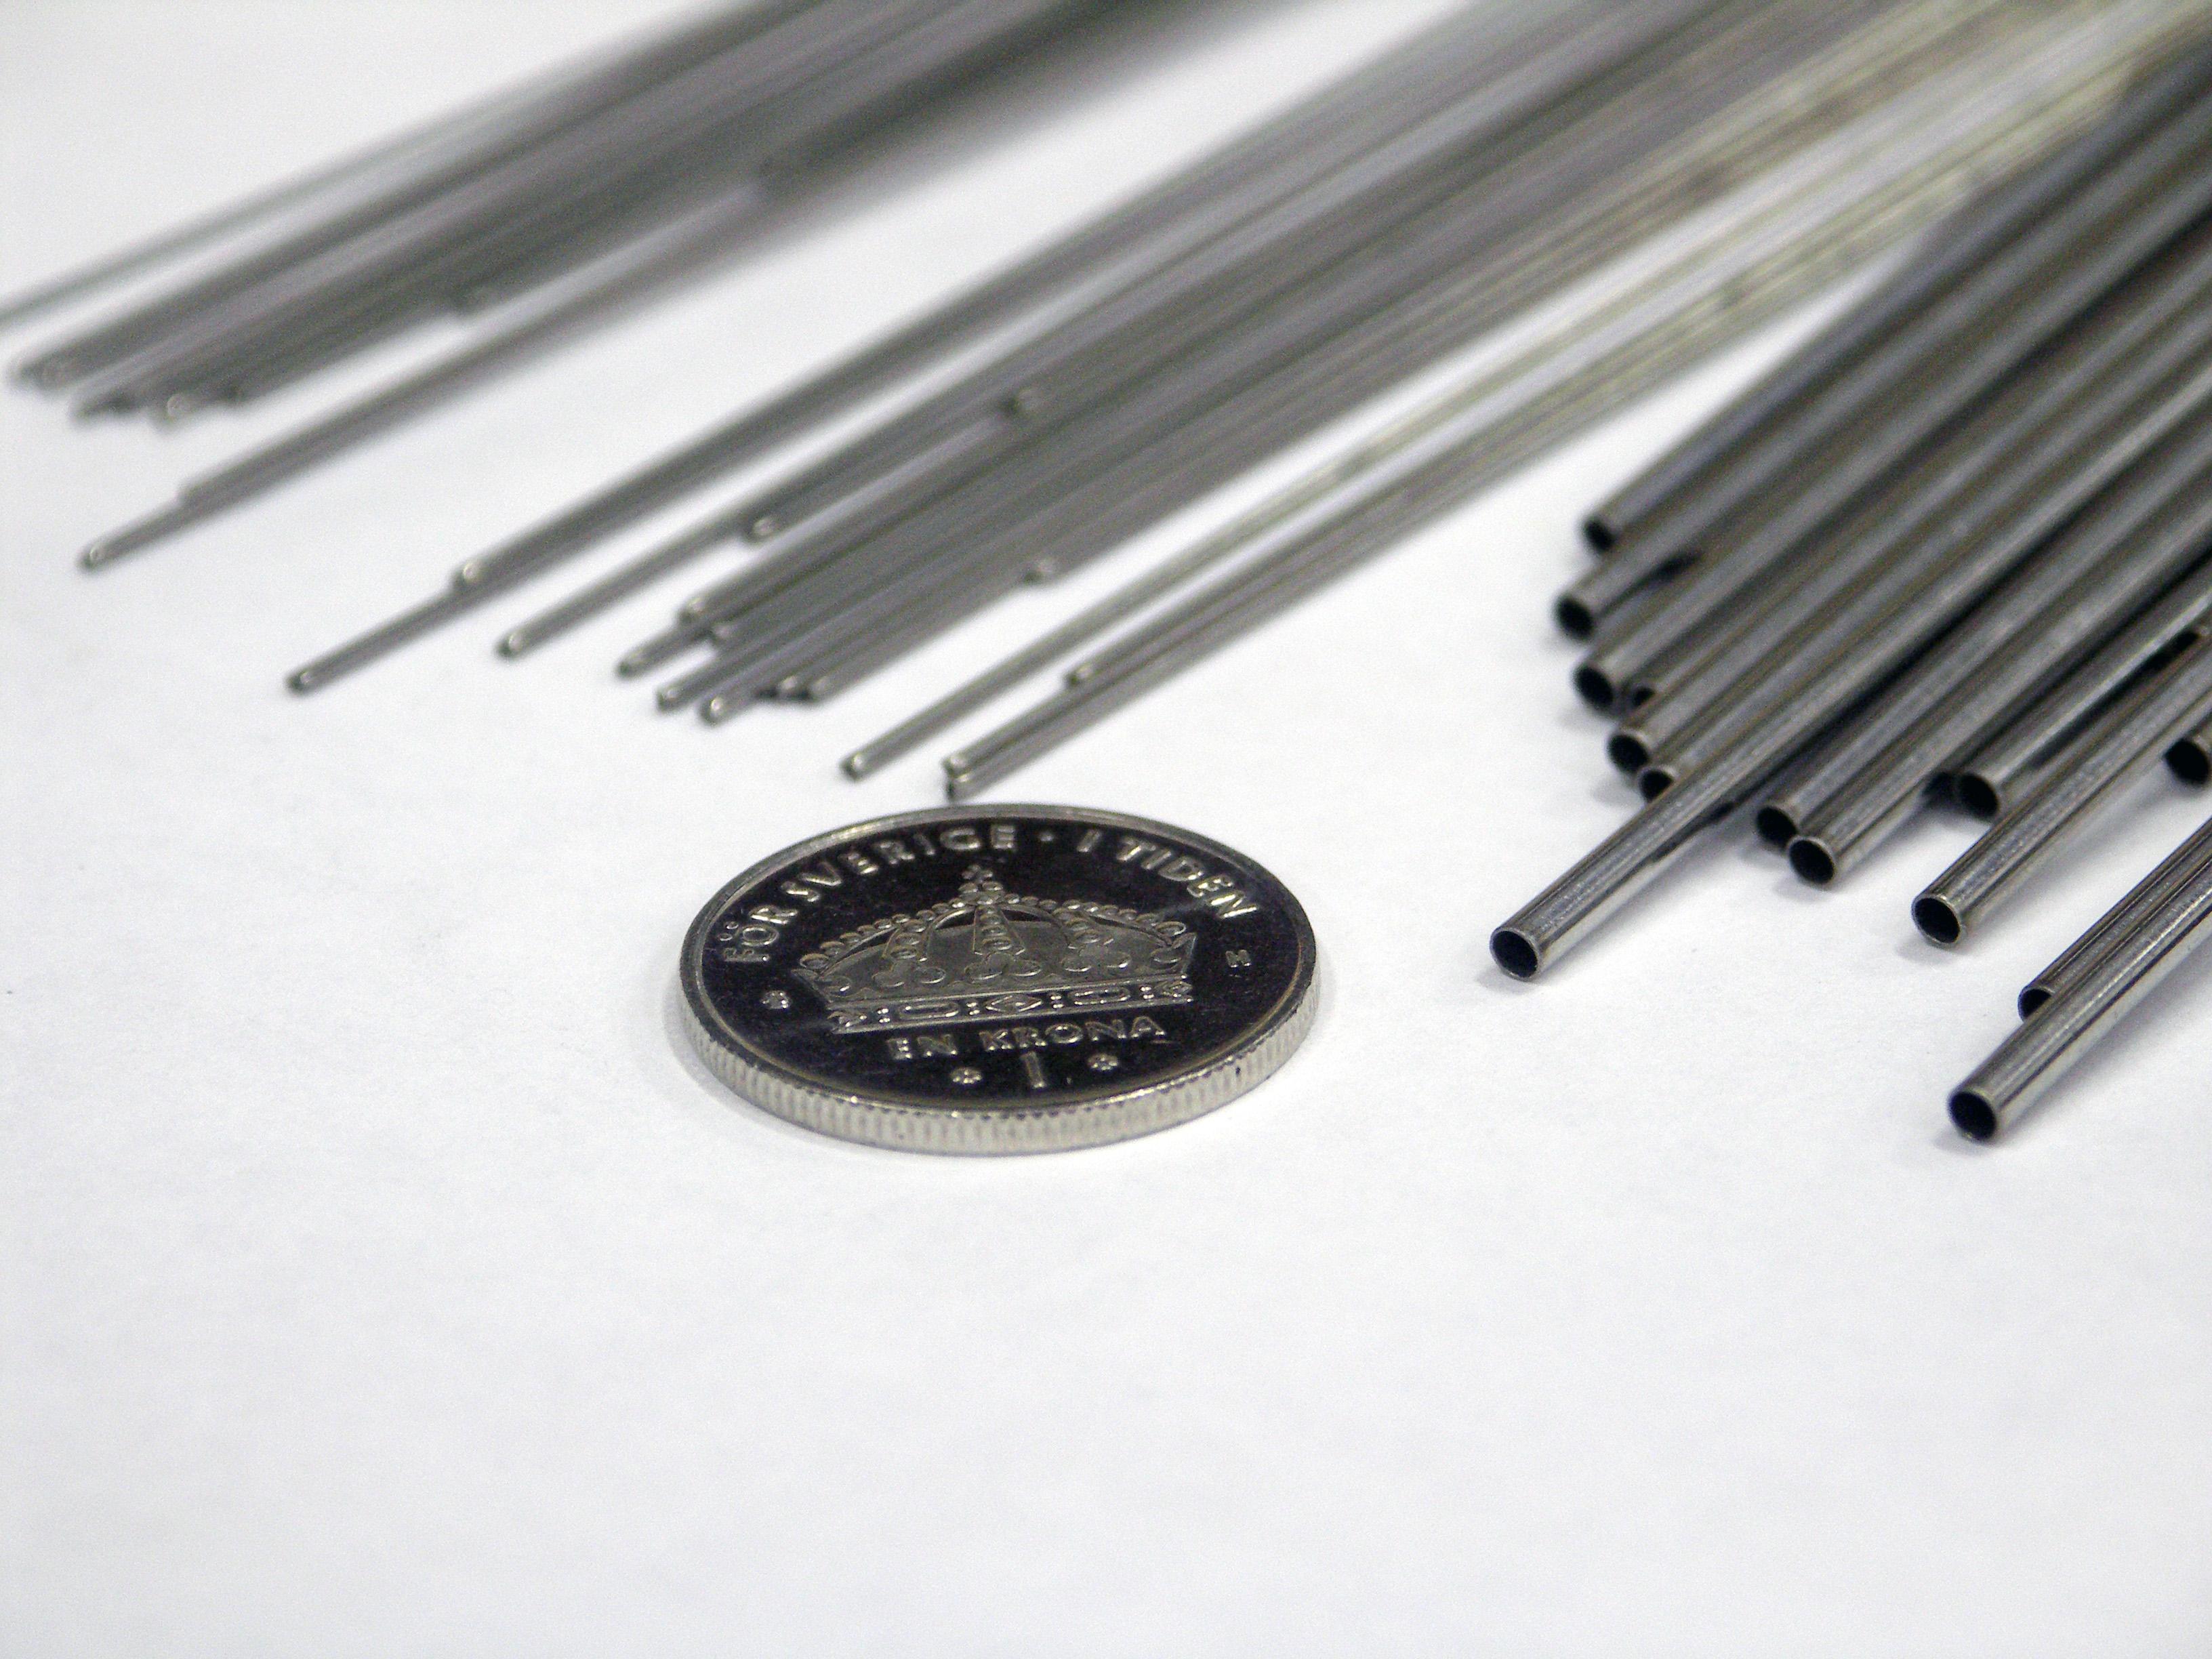 Svařovací materiály pro svařování niklu, titanu a nerezové oceli a